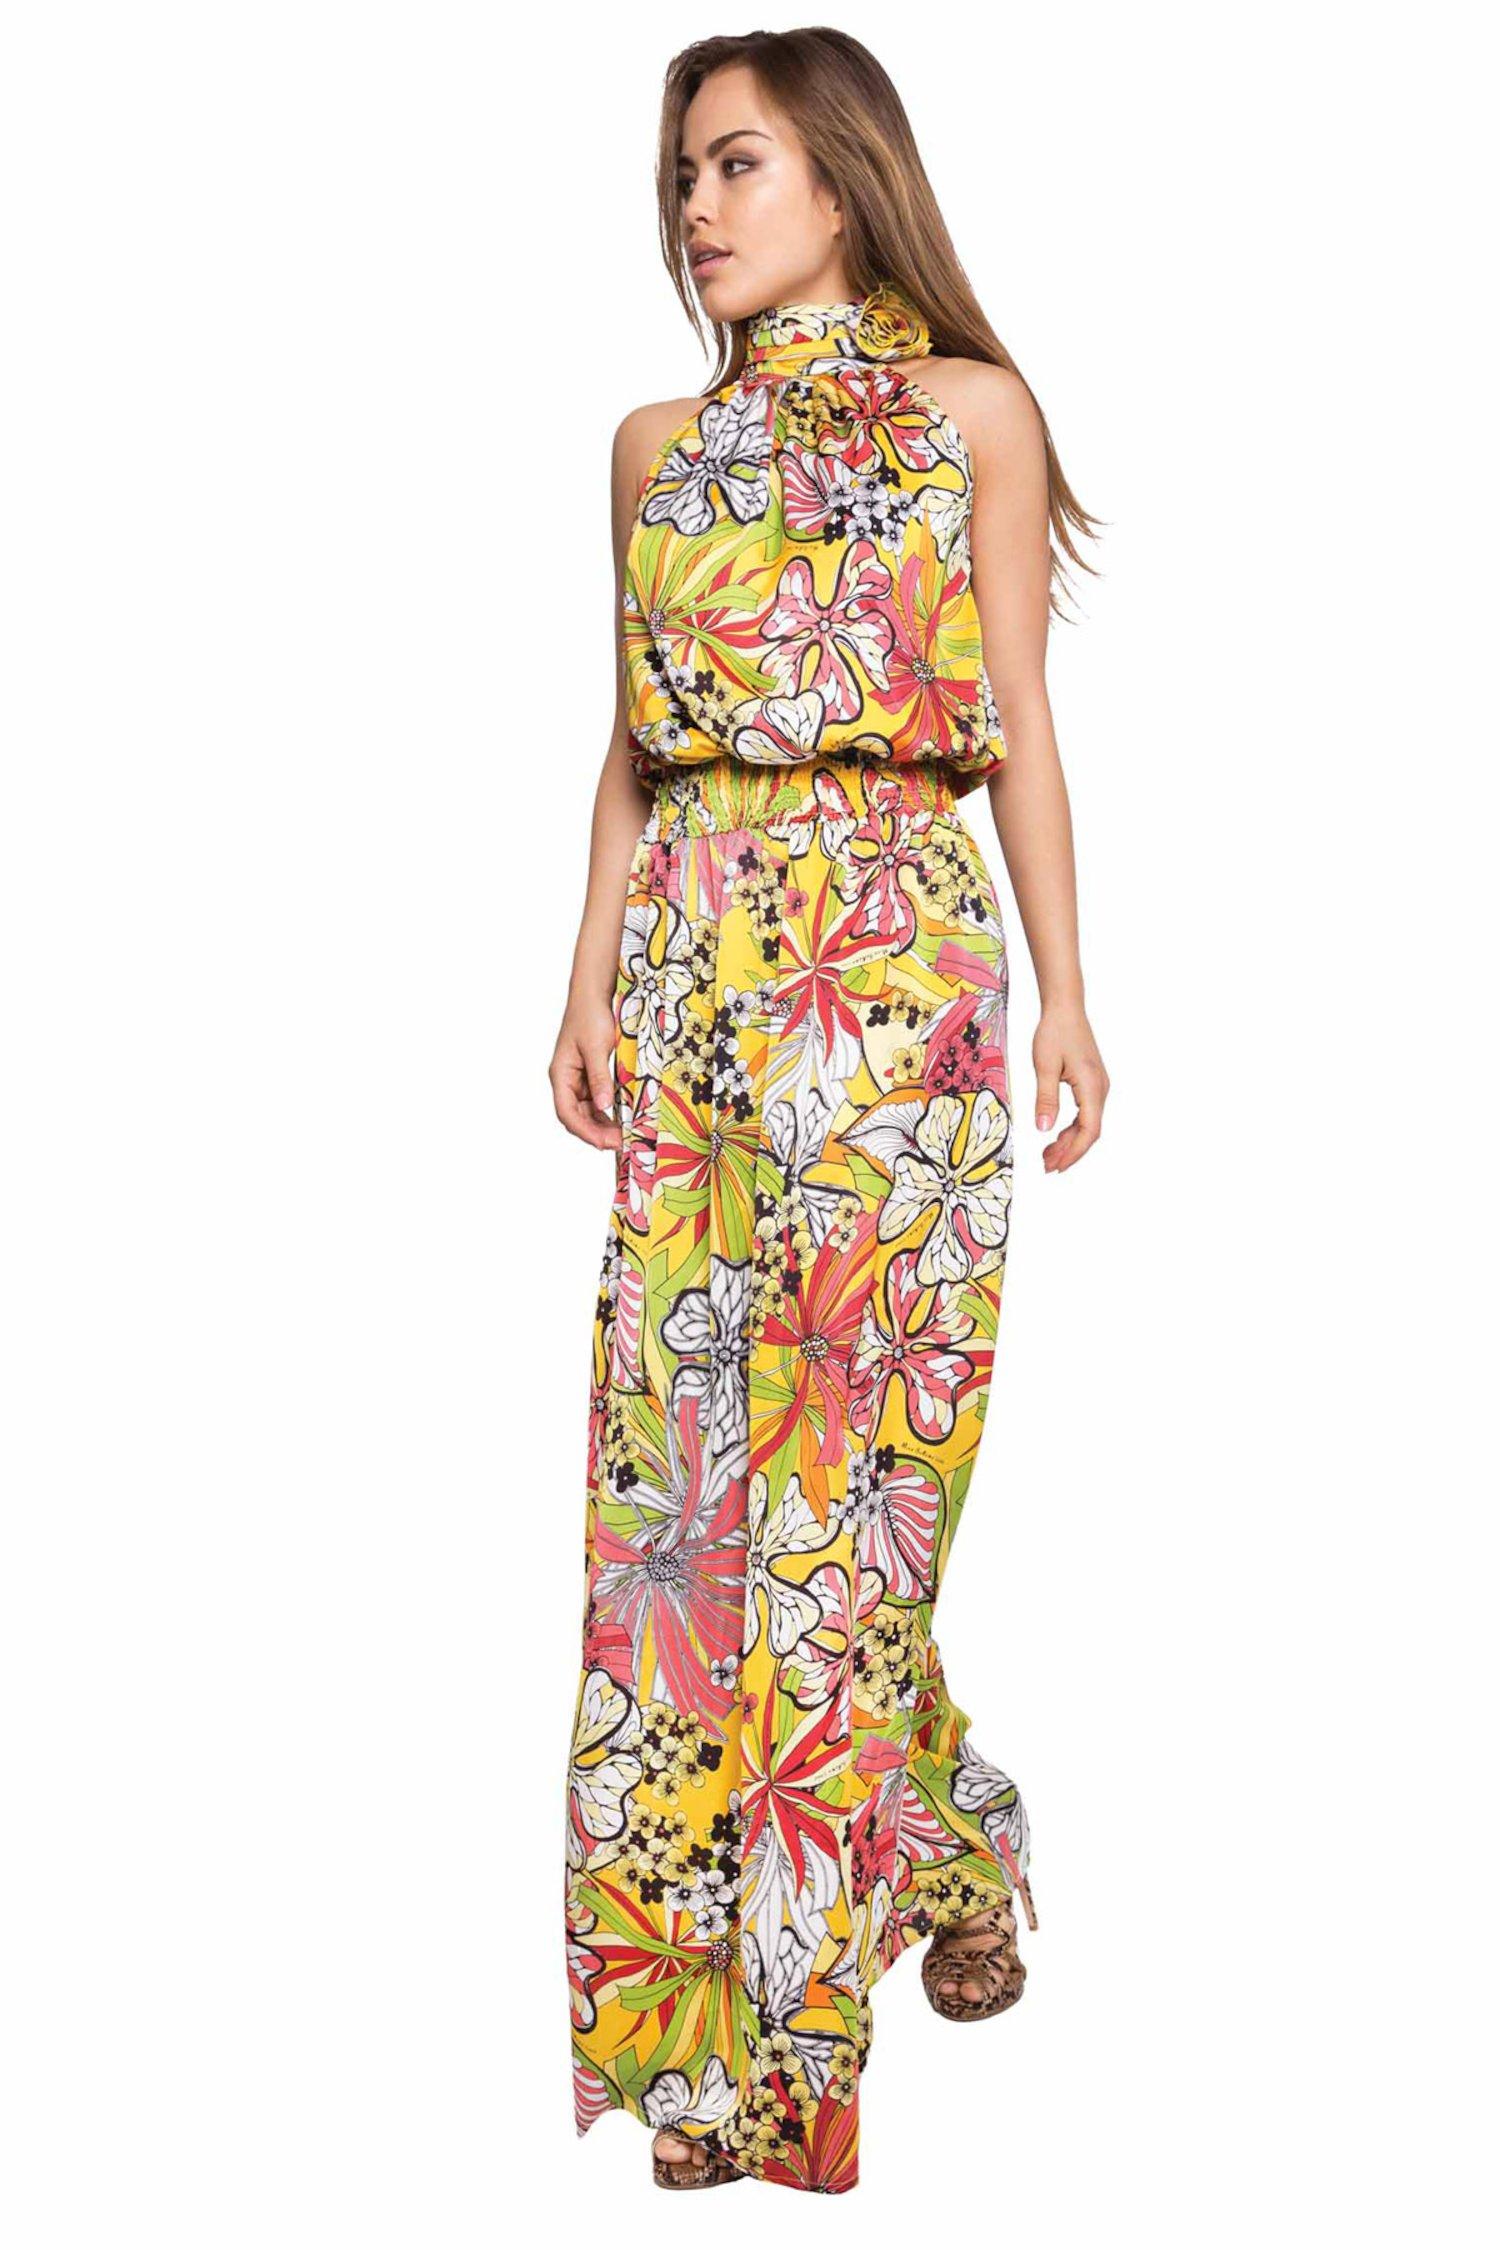 LONG DRESS FLOWER - Fiori Giallo